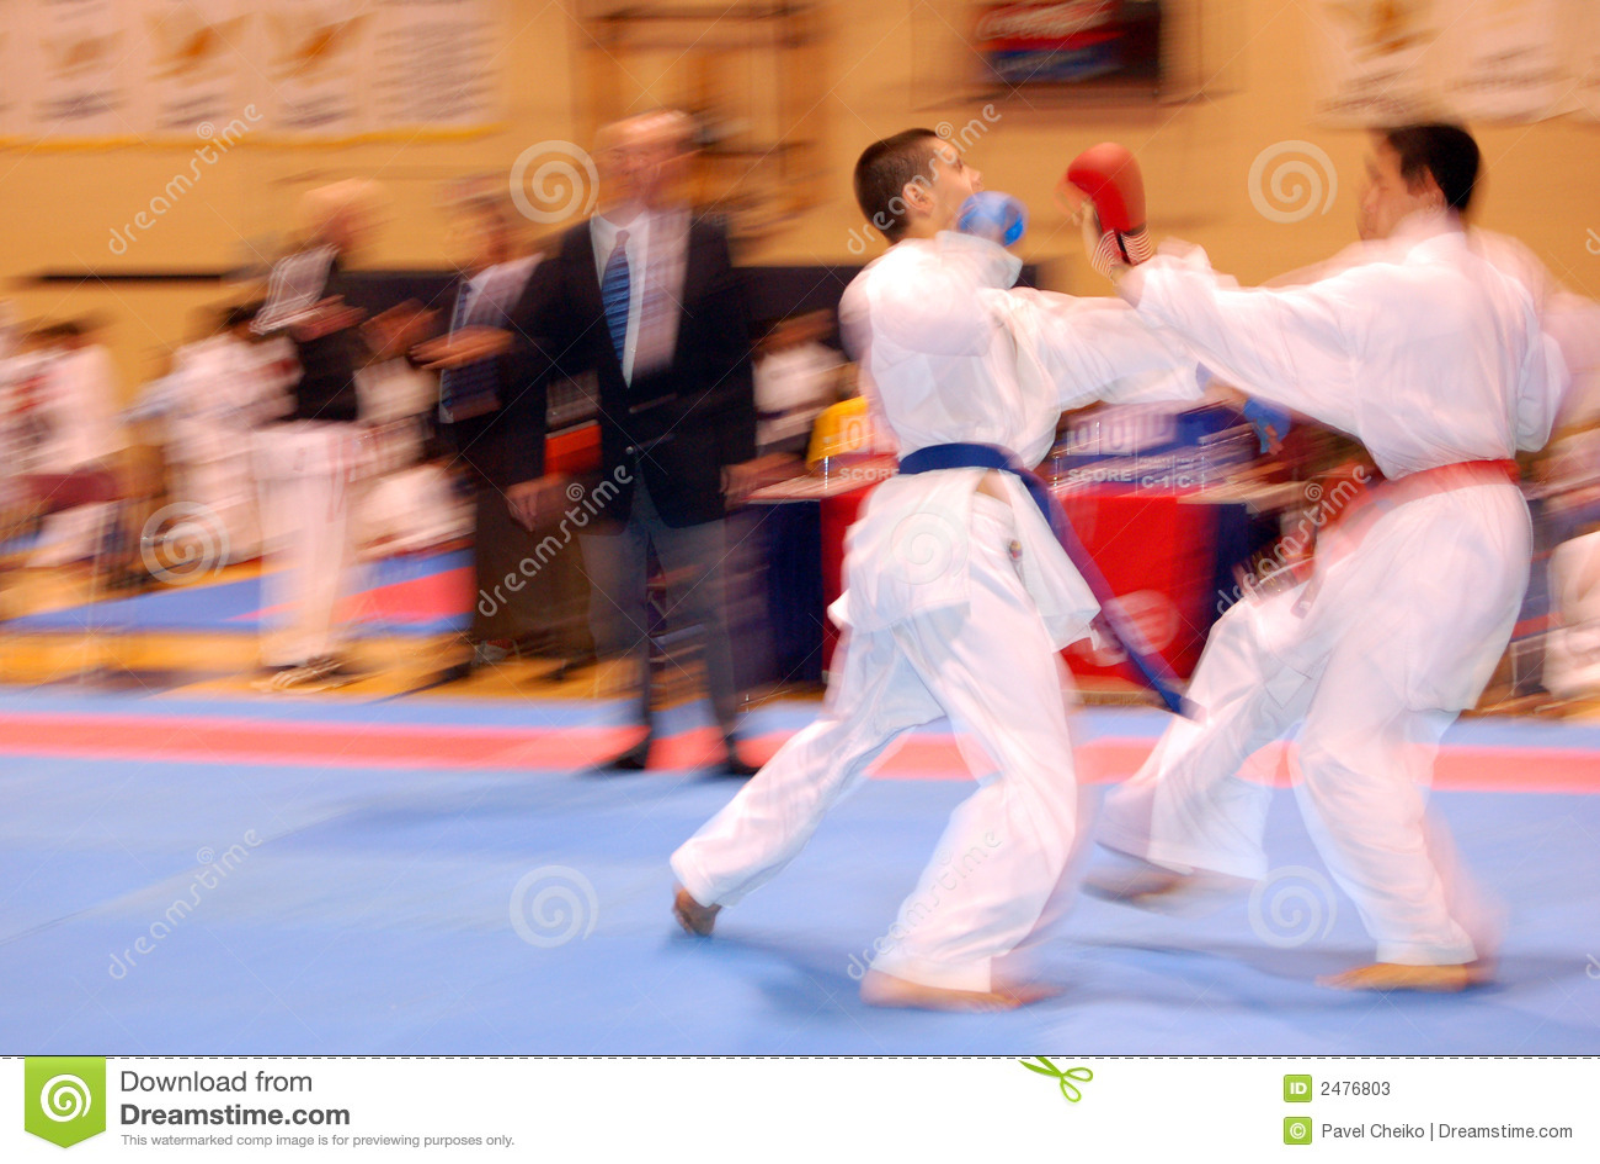 Ataque no combate do karaté